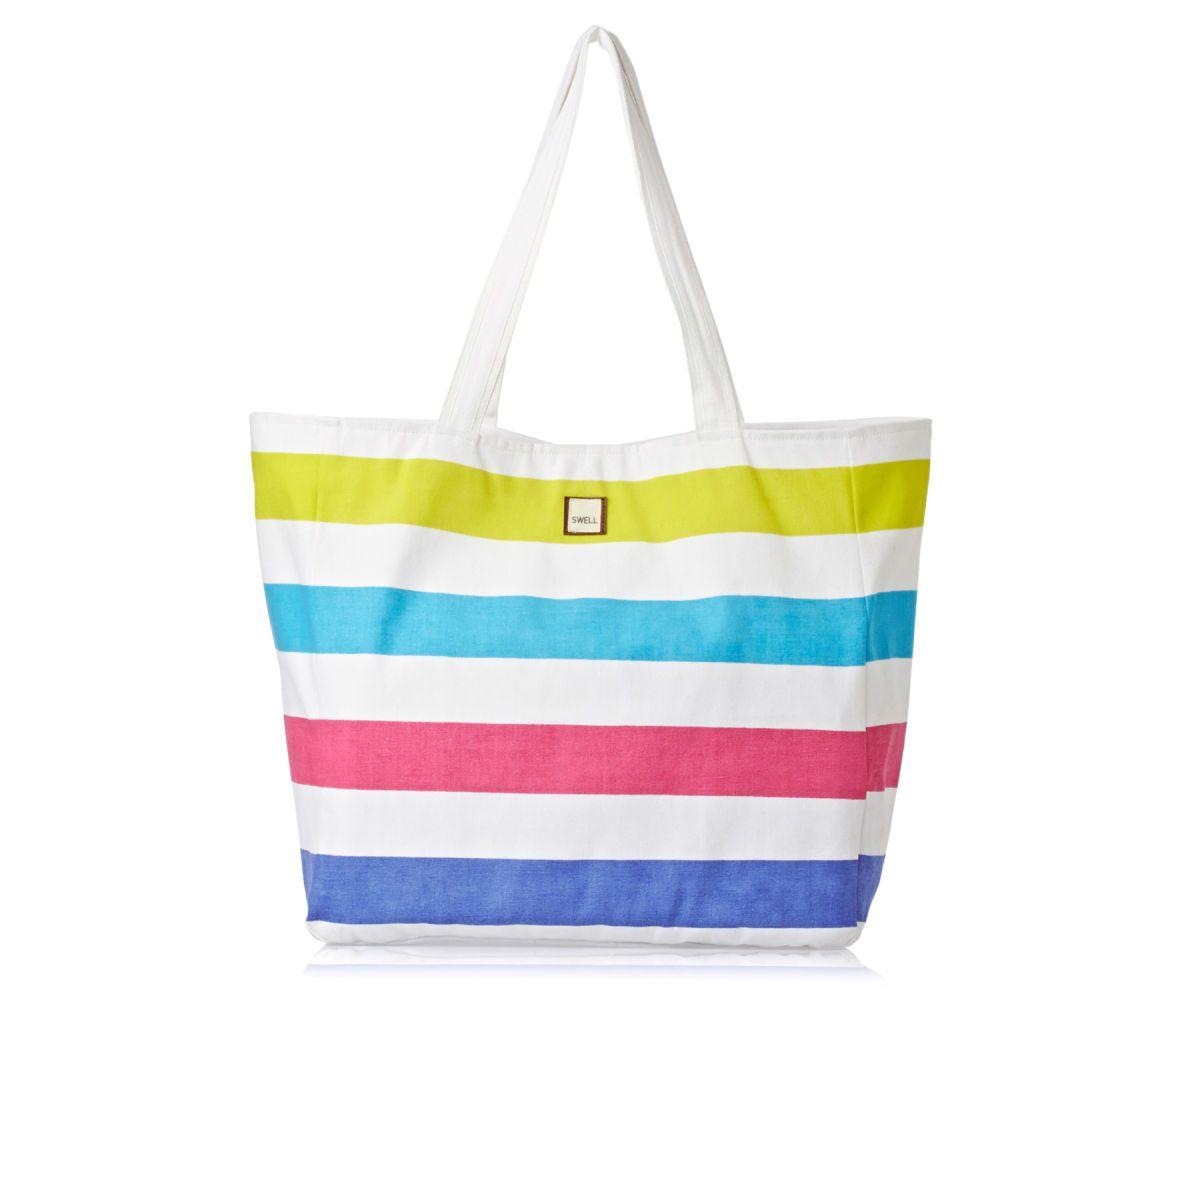 SWELL Beach Bags - SWELL Bondi Beach Beach Bag - Bright Stripe ...